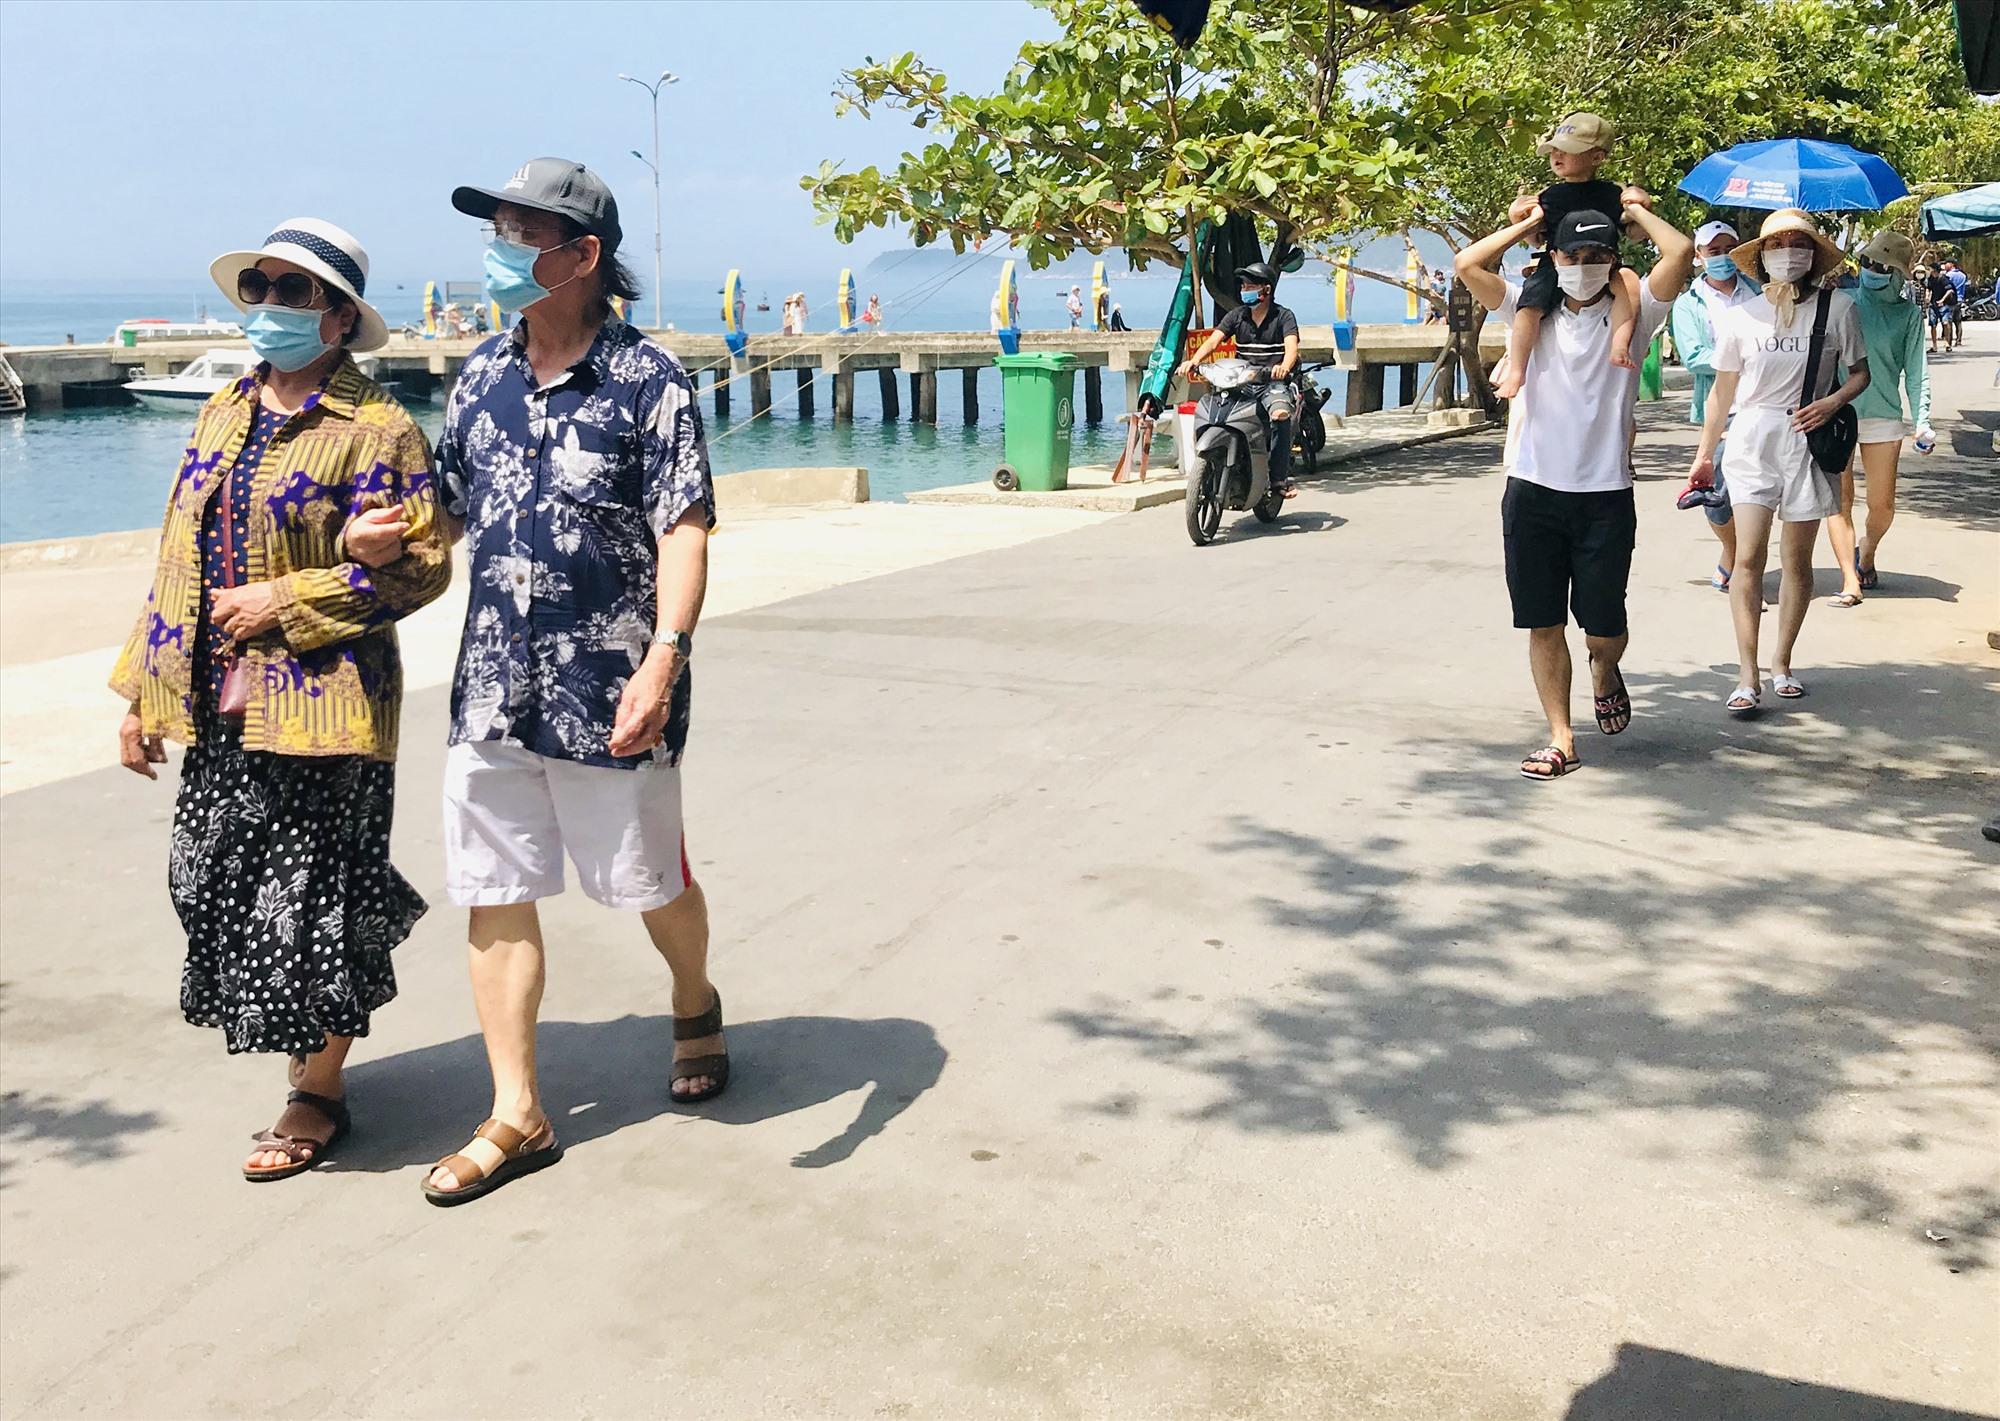 """Du lịch địa phương đang có nguy cơ """"mất trắng"""" mùa cao điểm khách nội địa vì dịch bệnh. Ảnh: Q.T"""